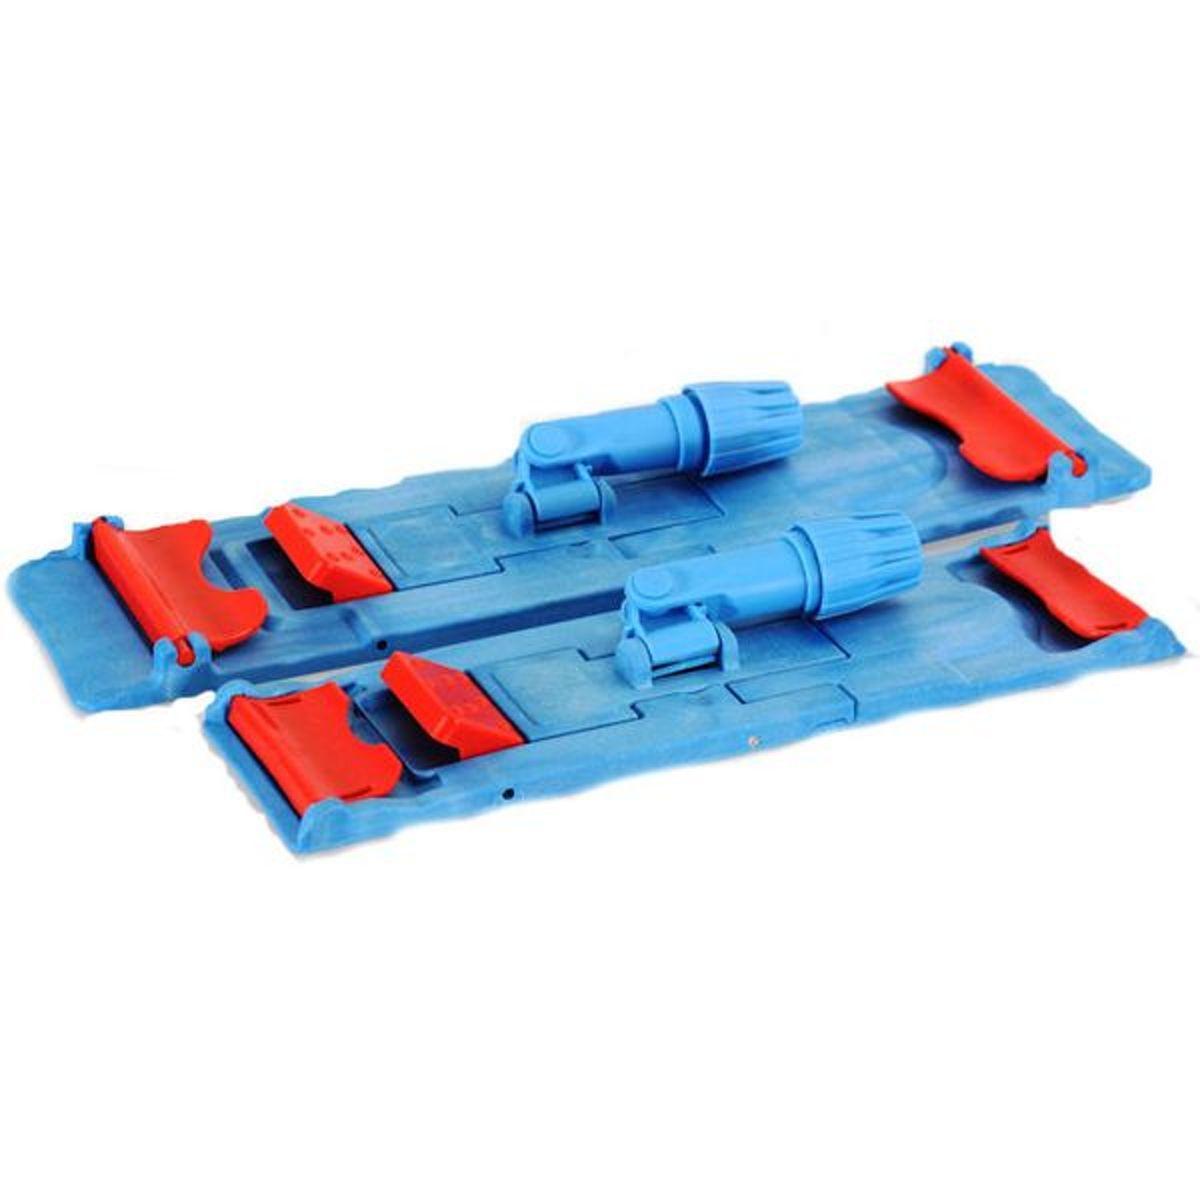 Vlakmophouder blauw 40 x 11 cm met magneet. ACOR kopen